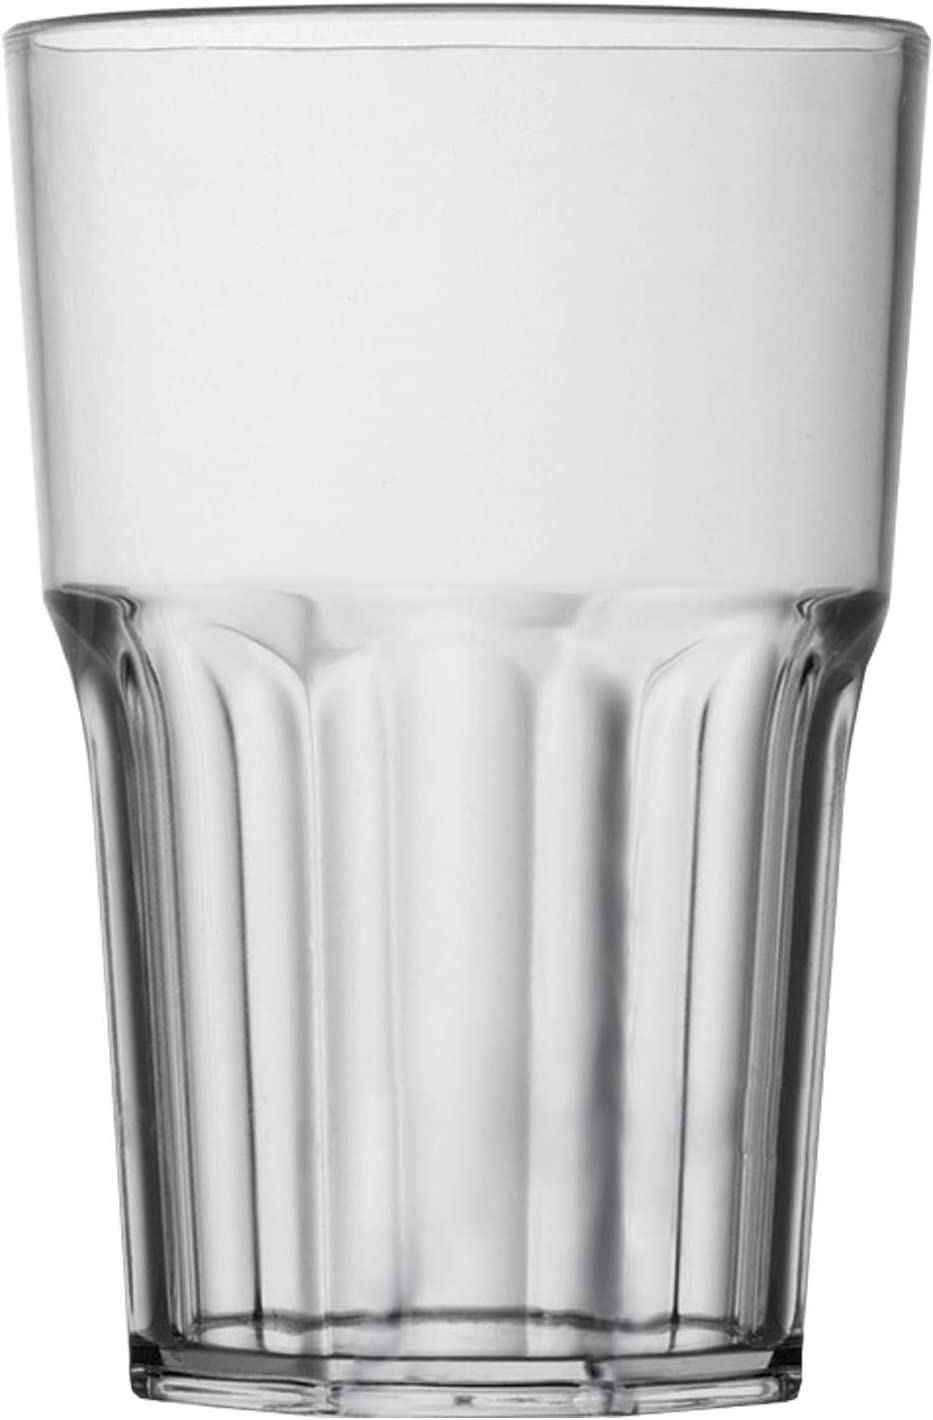 Garnet - Vaso de plástico reutilizable Granity 40, juego de 6 unidades, apto para lavavajillas, fabricado en Italia, 0,4 litros